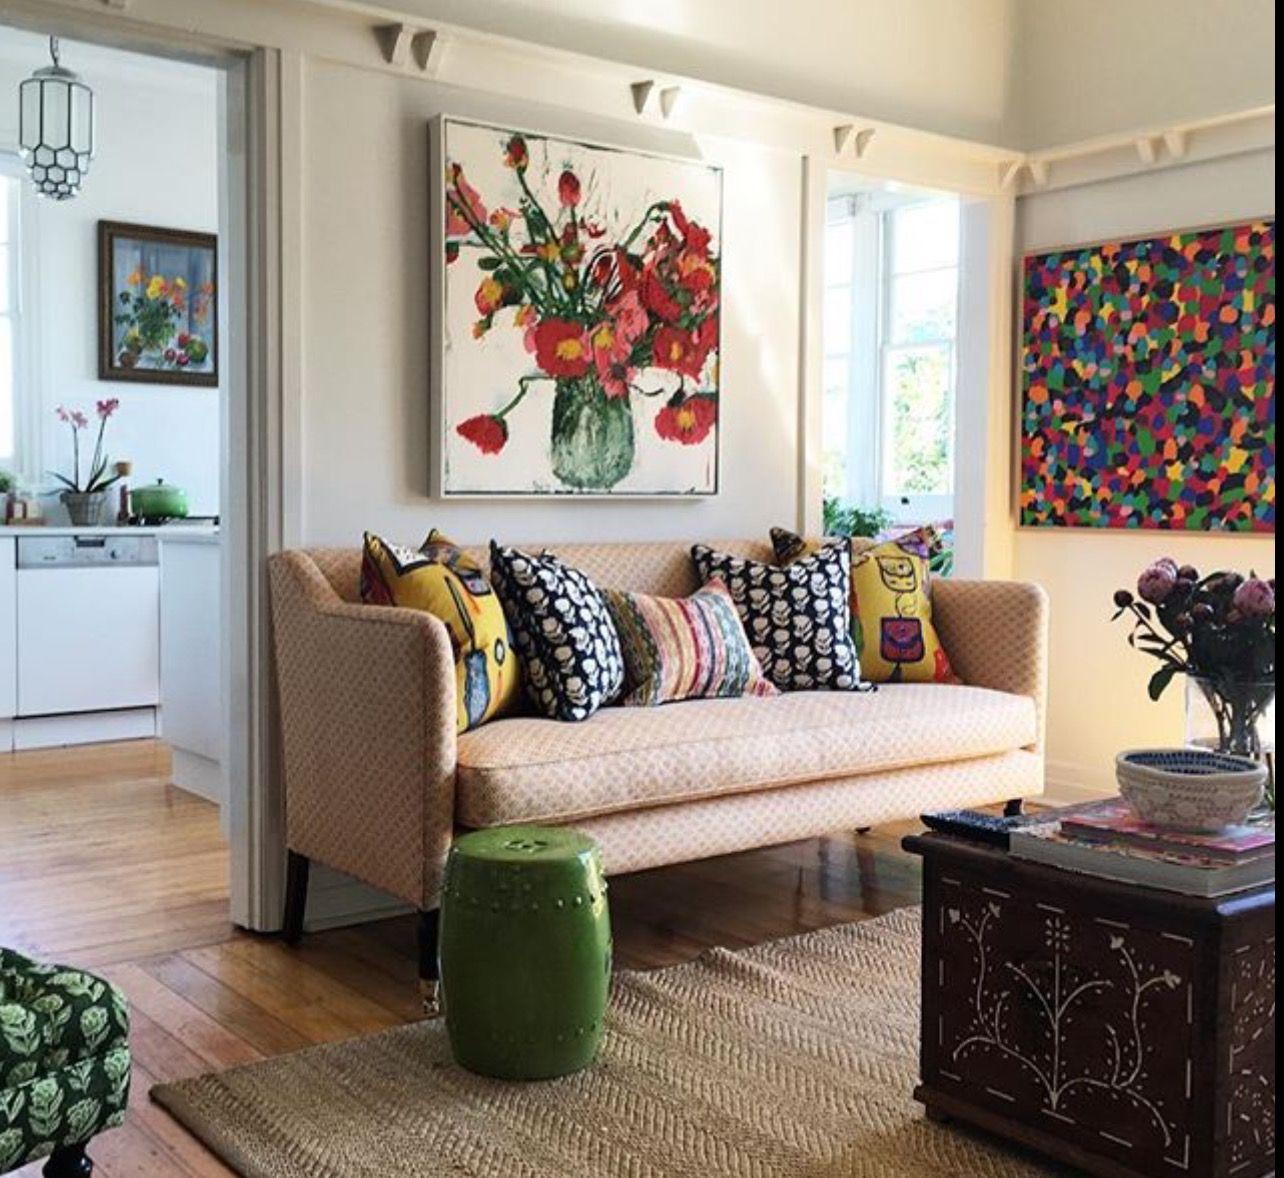 Pinterest - Andie   Home   Pinterest   El color, Bajos y Decoración